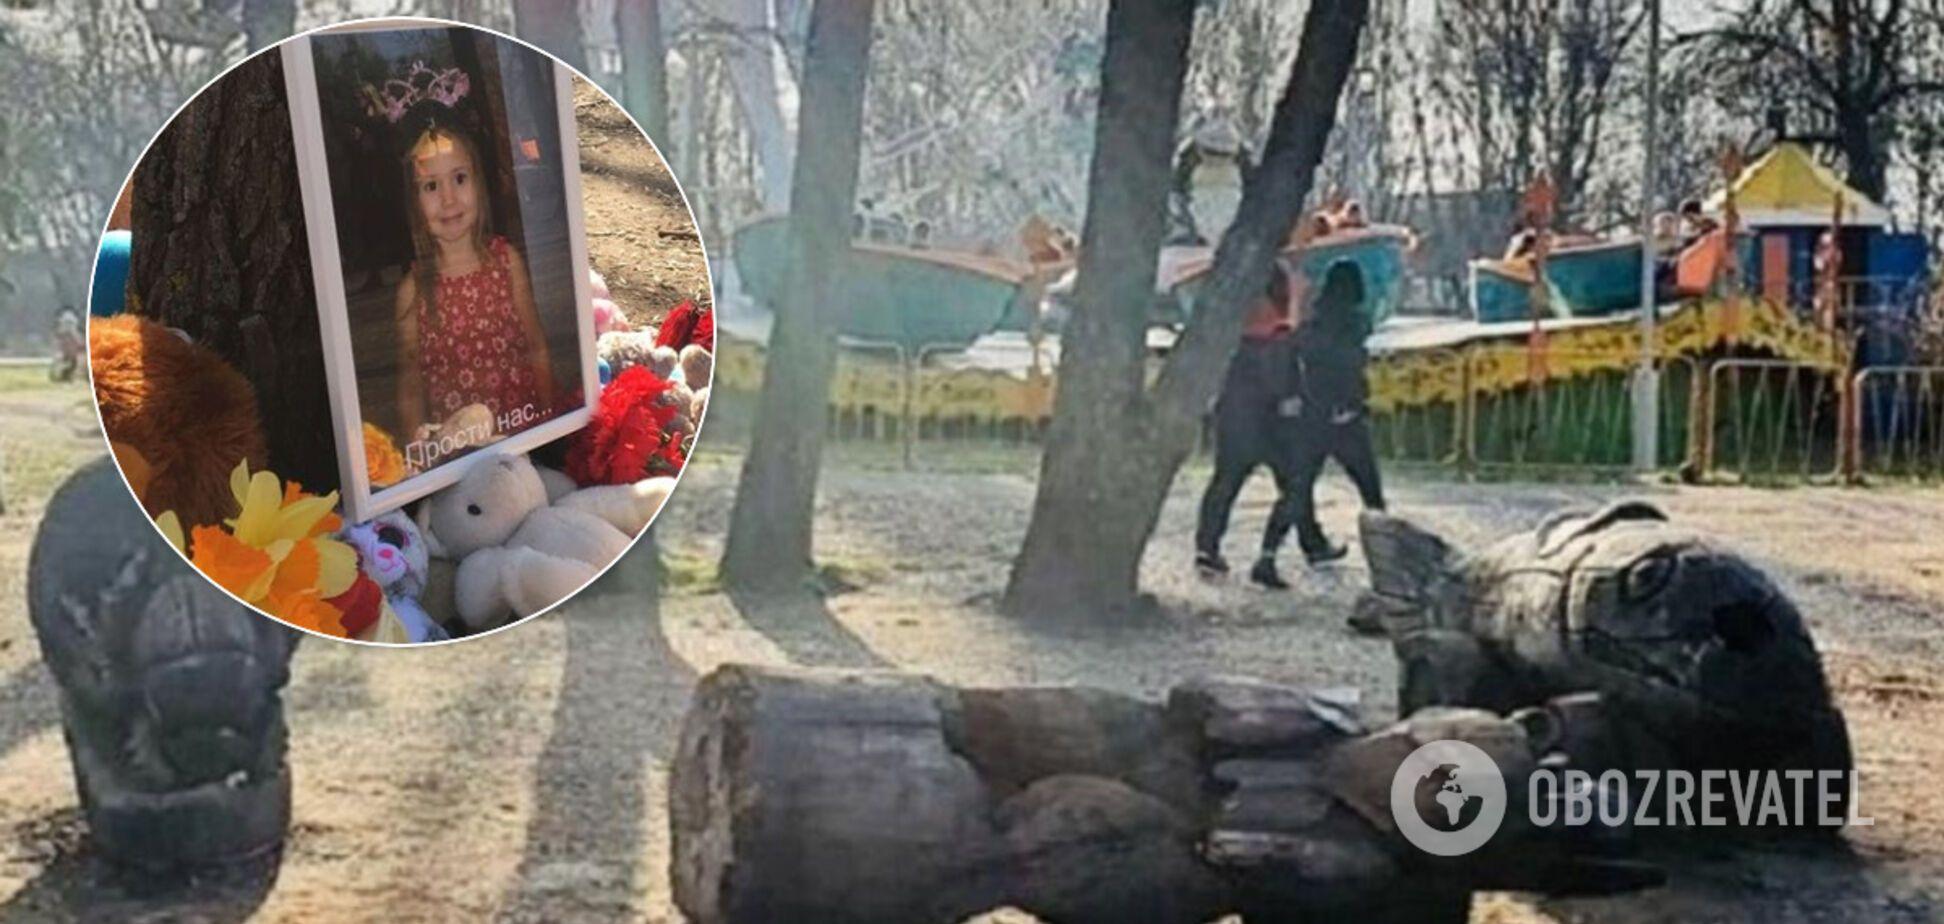 В Запорожье власти проигнорировали чествование памяти девочки, которую убила статуя. Фото и видео